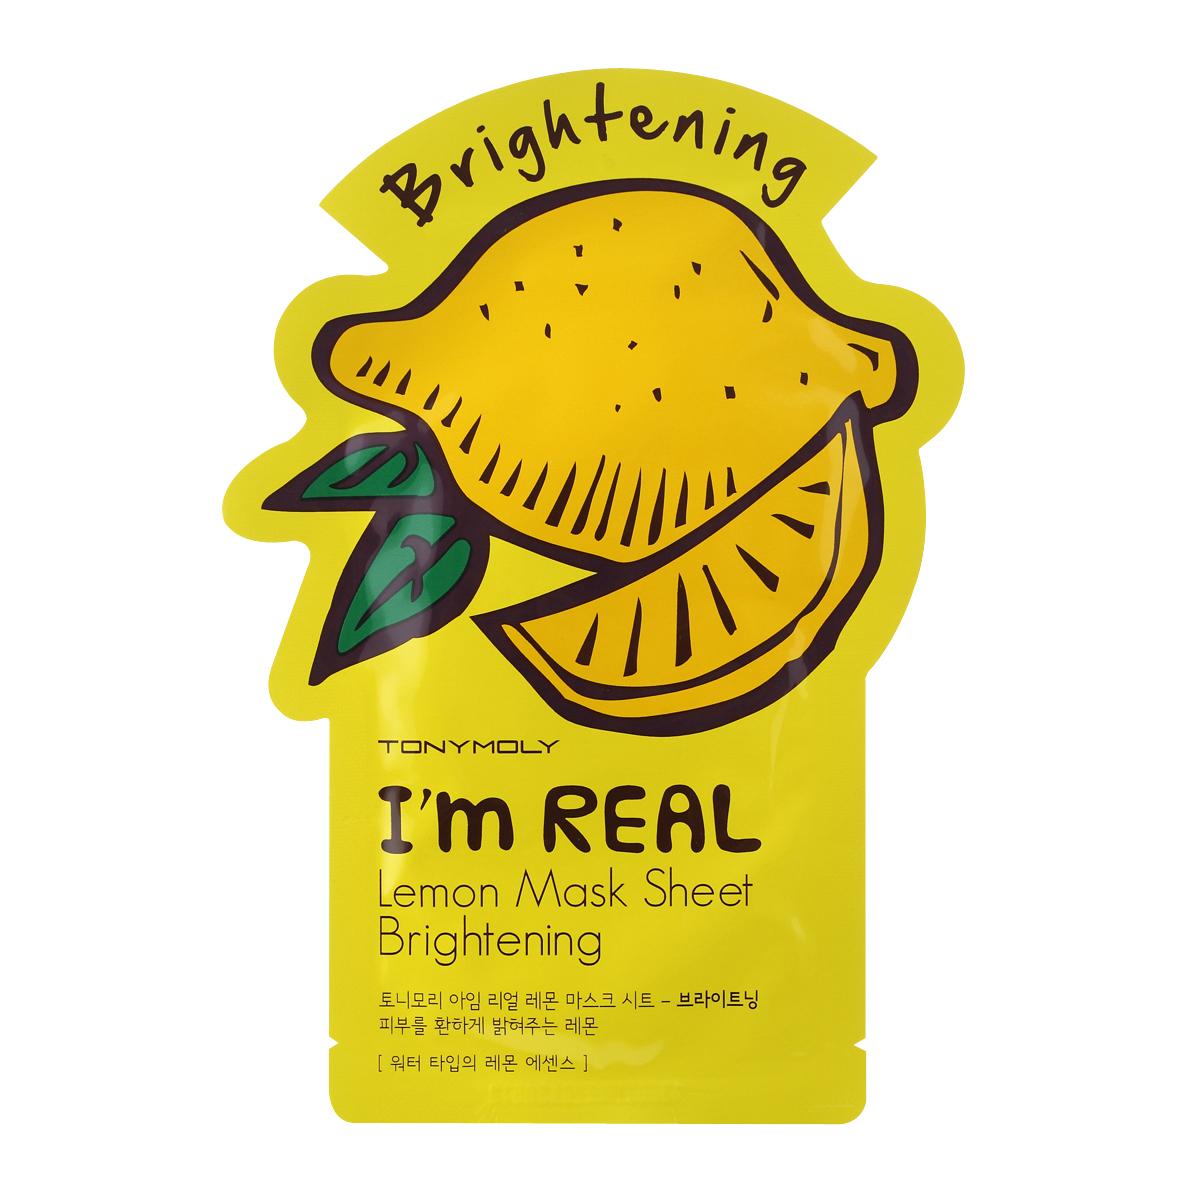 TonyMoly Тканевая маска с экстрактом лимона Im Real Lemon Mask Sheet, 21 млSS05015000Одноразовая маска для лица с лимоном состоит из 100% хлопка и содержит большое количество витаминов и минералов, которые осветляют кожу и эффективно убирают пигментные пятна, веснушки и следы от рубцов и шрамов. Маска содержит витамин С, который выравнивает тон кожи и питает ее полезными веществами необходимыми для поддержания молодости и упругости кожи. Экстракт лимона убирает тусклость кожи и придает коже сияние, упругость и эластичность. Использование маски избавит кожу от нежелательных следов пигментации и улучшит эластичность кожи.